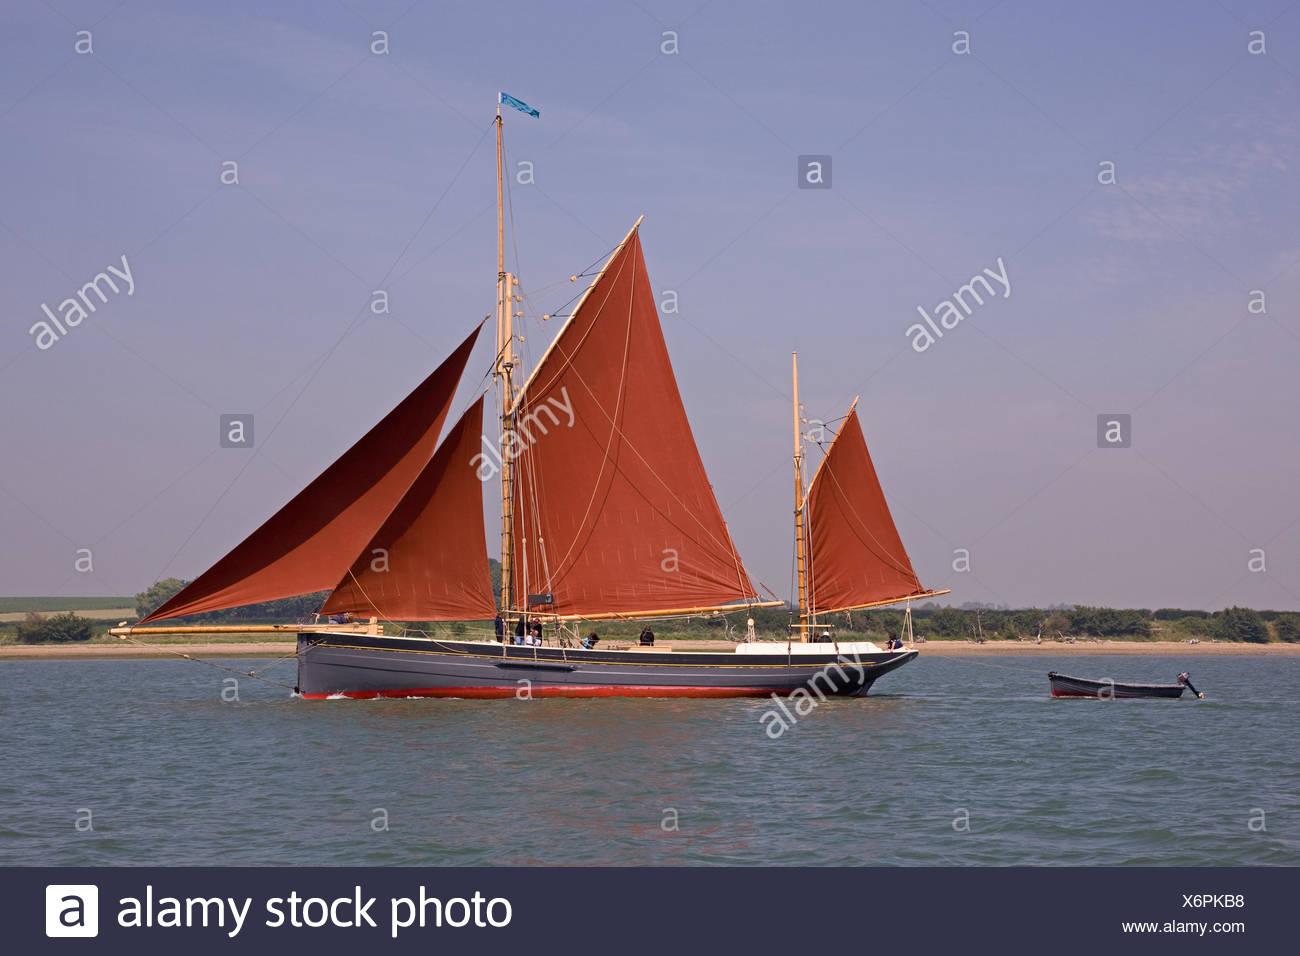 traditional, fishing, boat, smack, sailing, rowing boat, sailing boat, - Stock Image